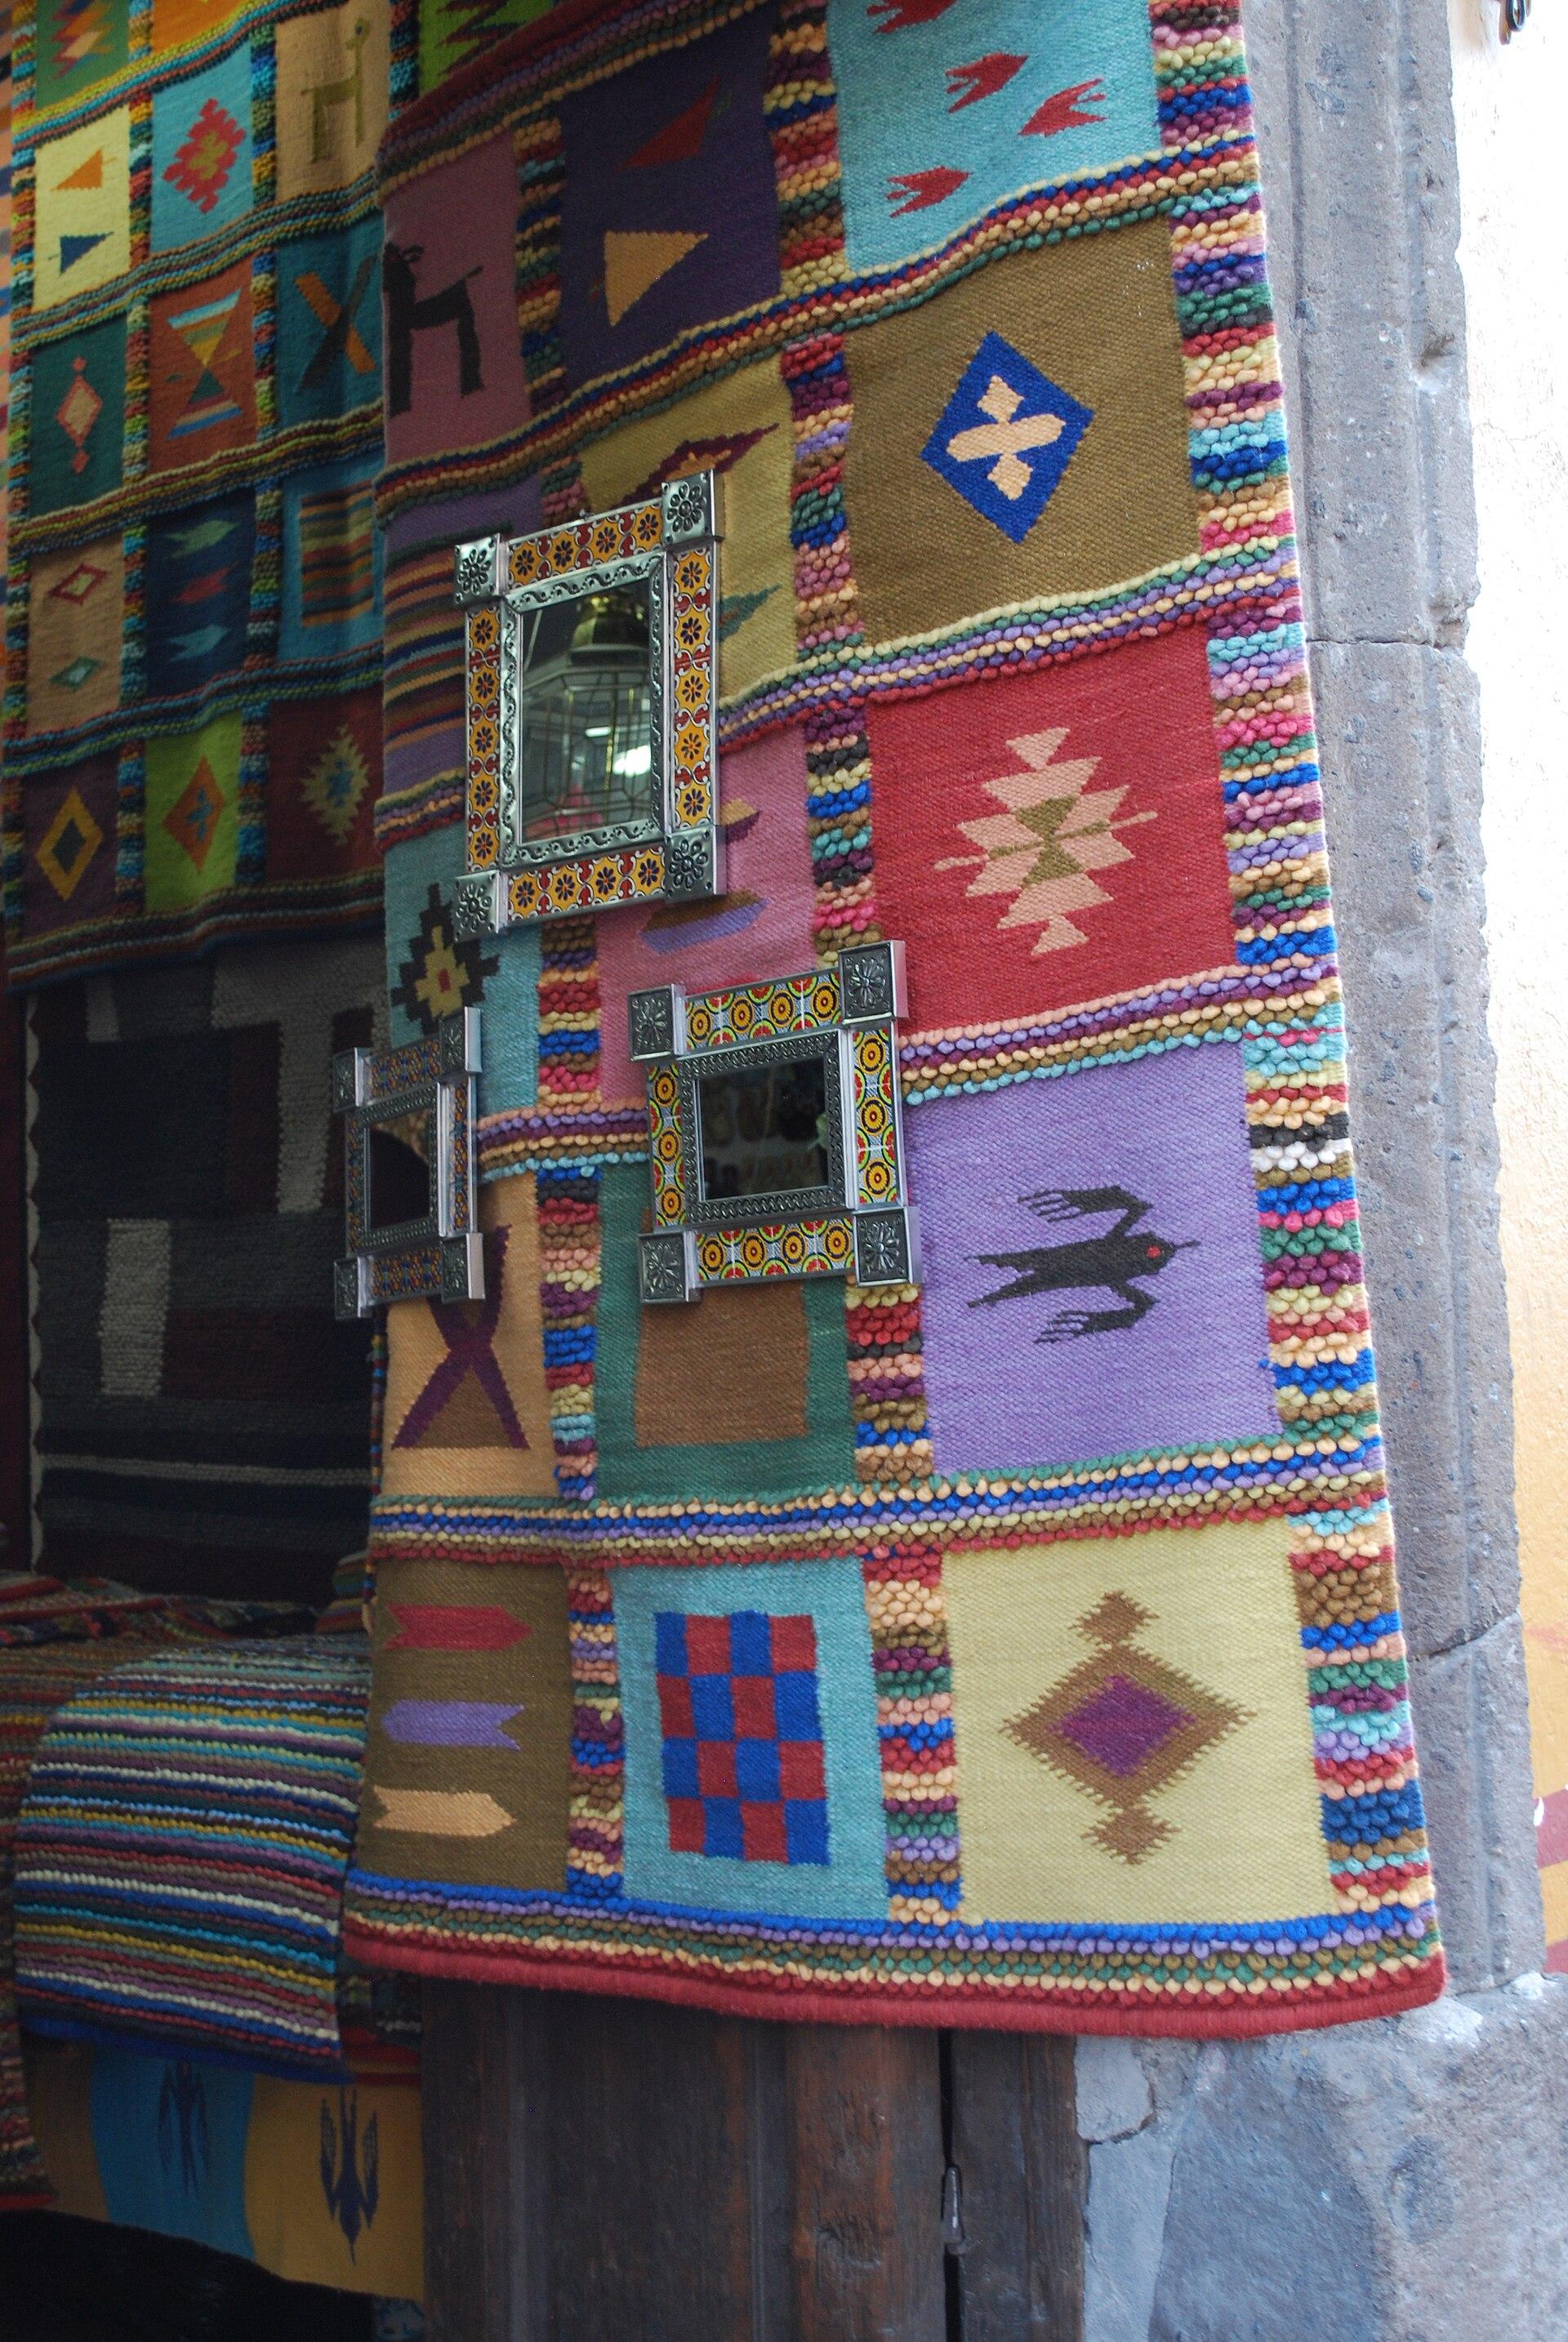 Manualidades y arte folklrico en Guanajuato  Wikipedia